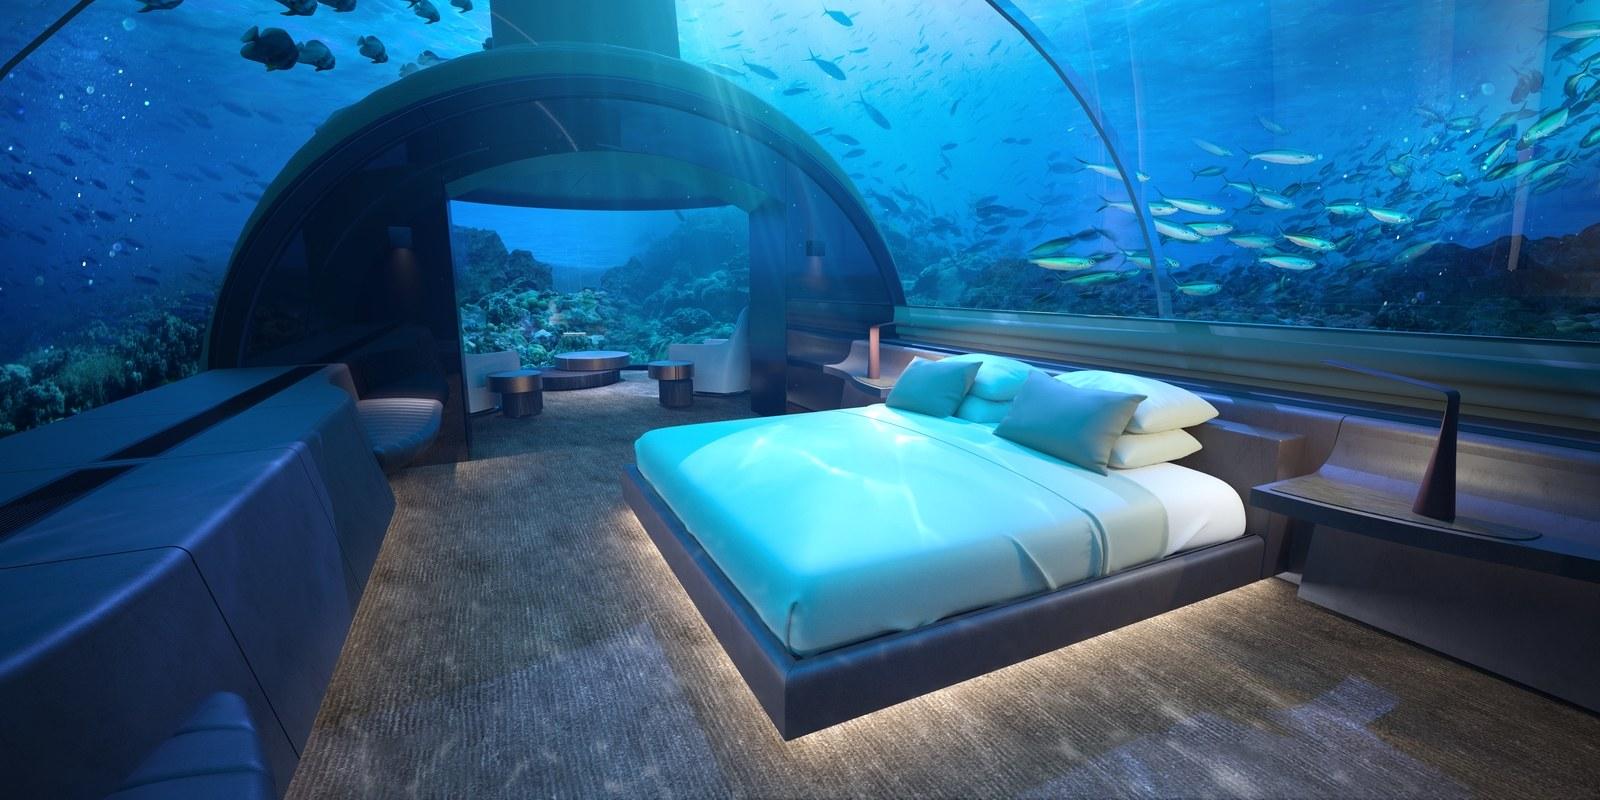 Quarto subaquático